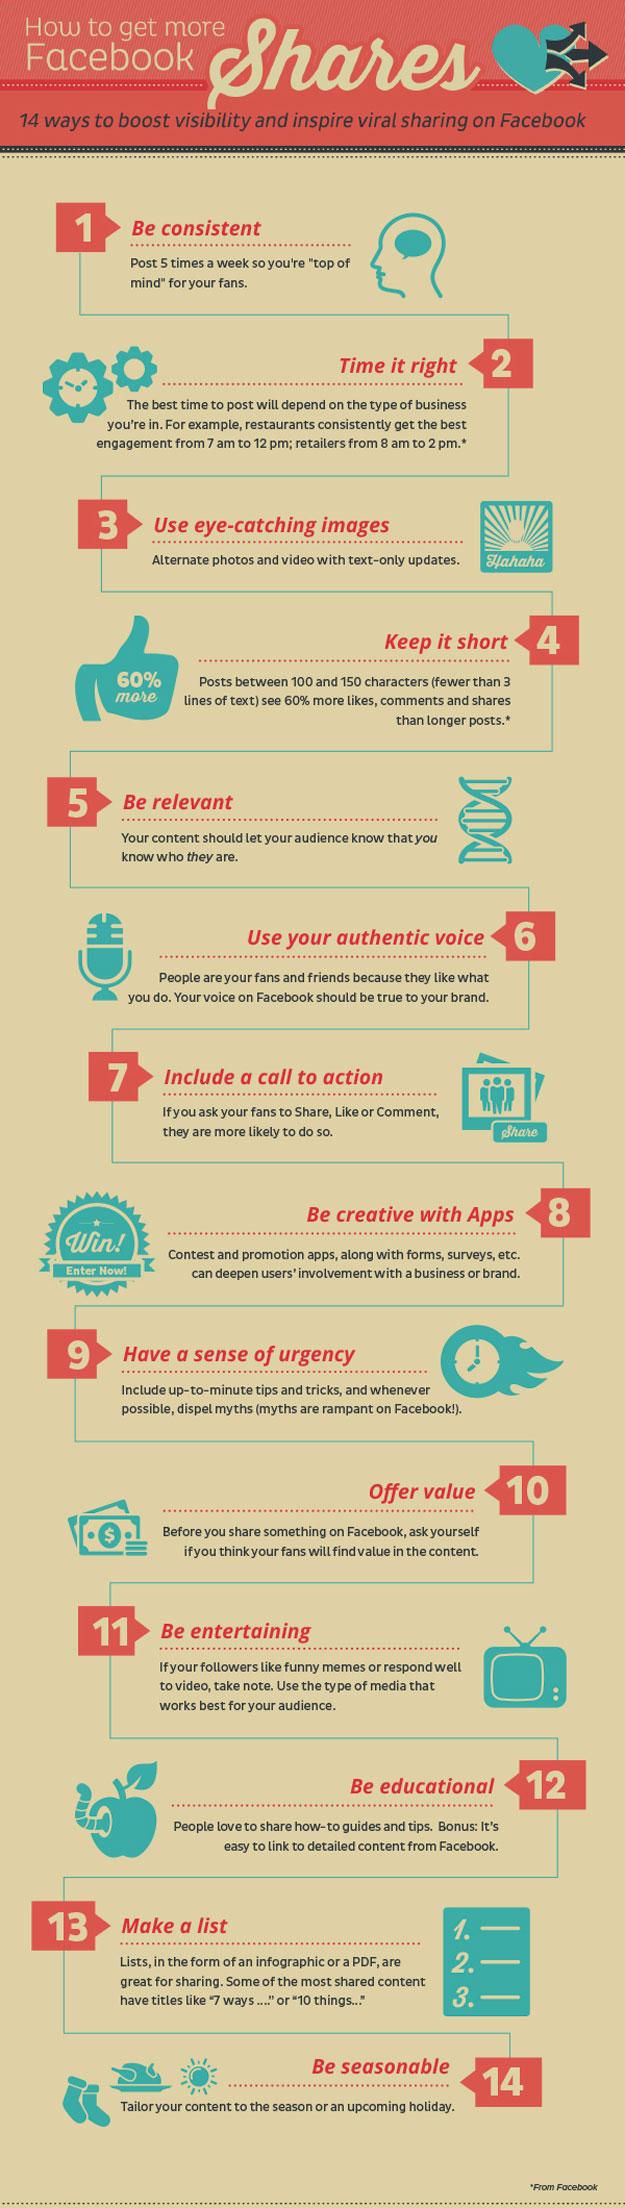 XXConsigue que tus post de Facebook se compartan más con estos 14 consejos